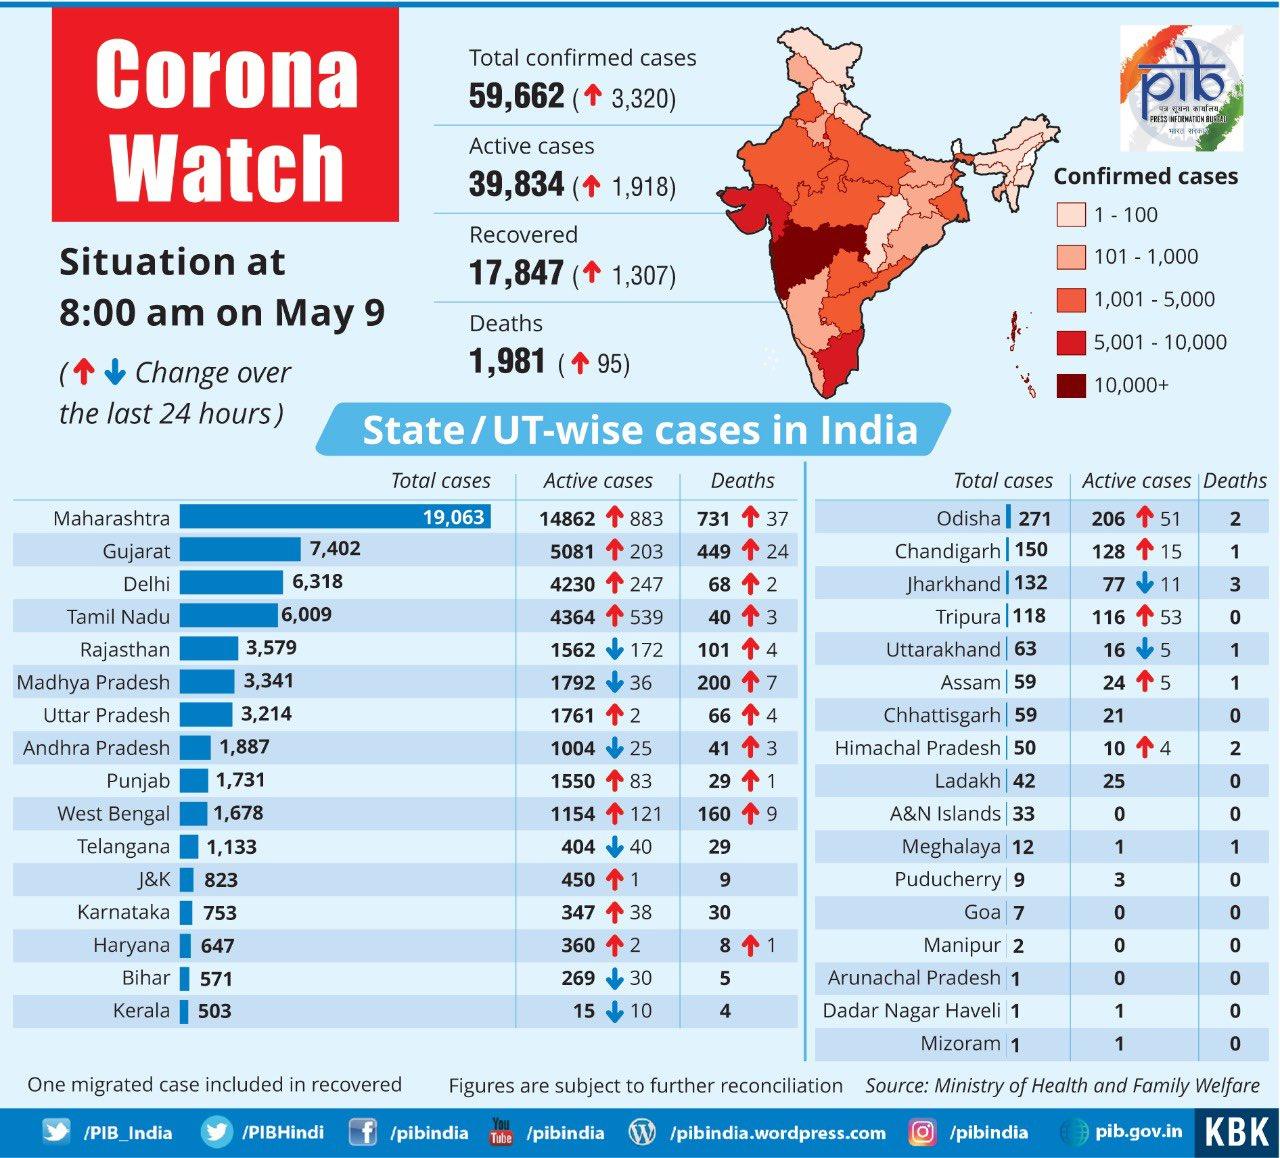 #CoronaWatch — India